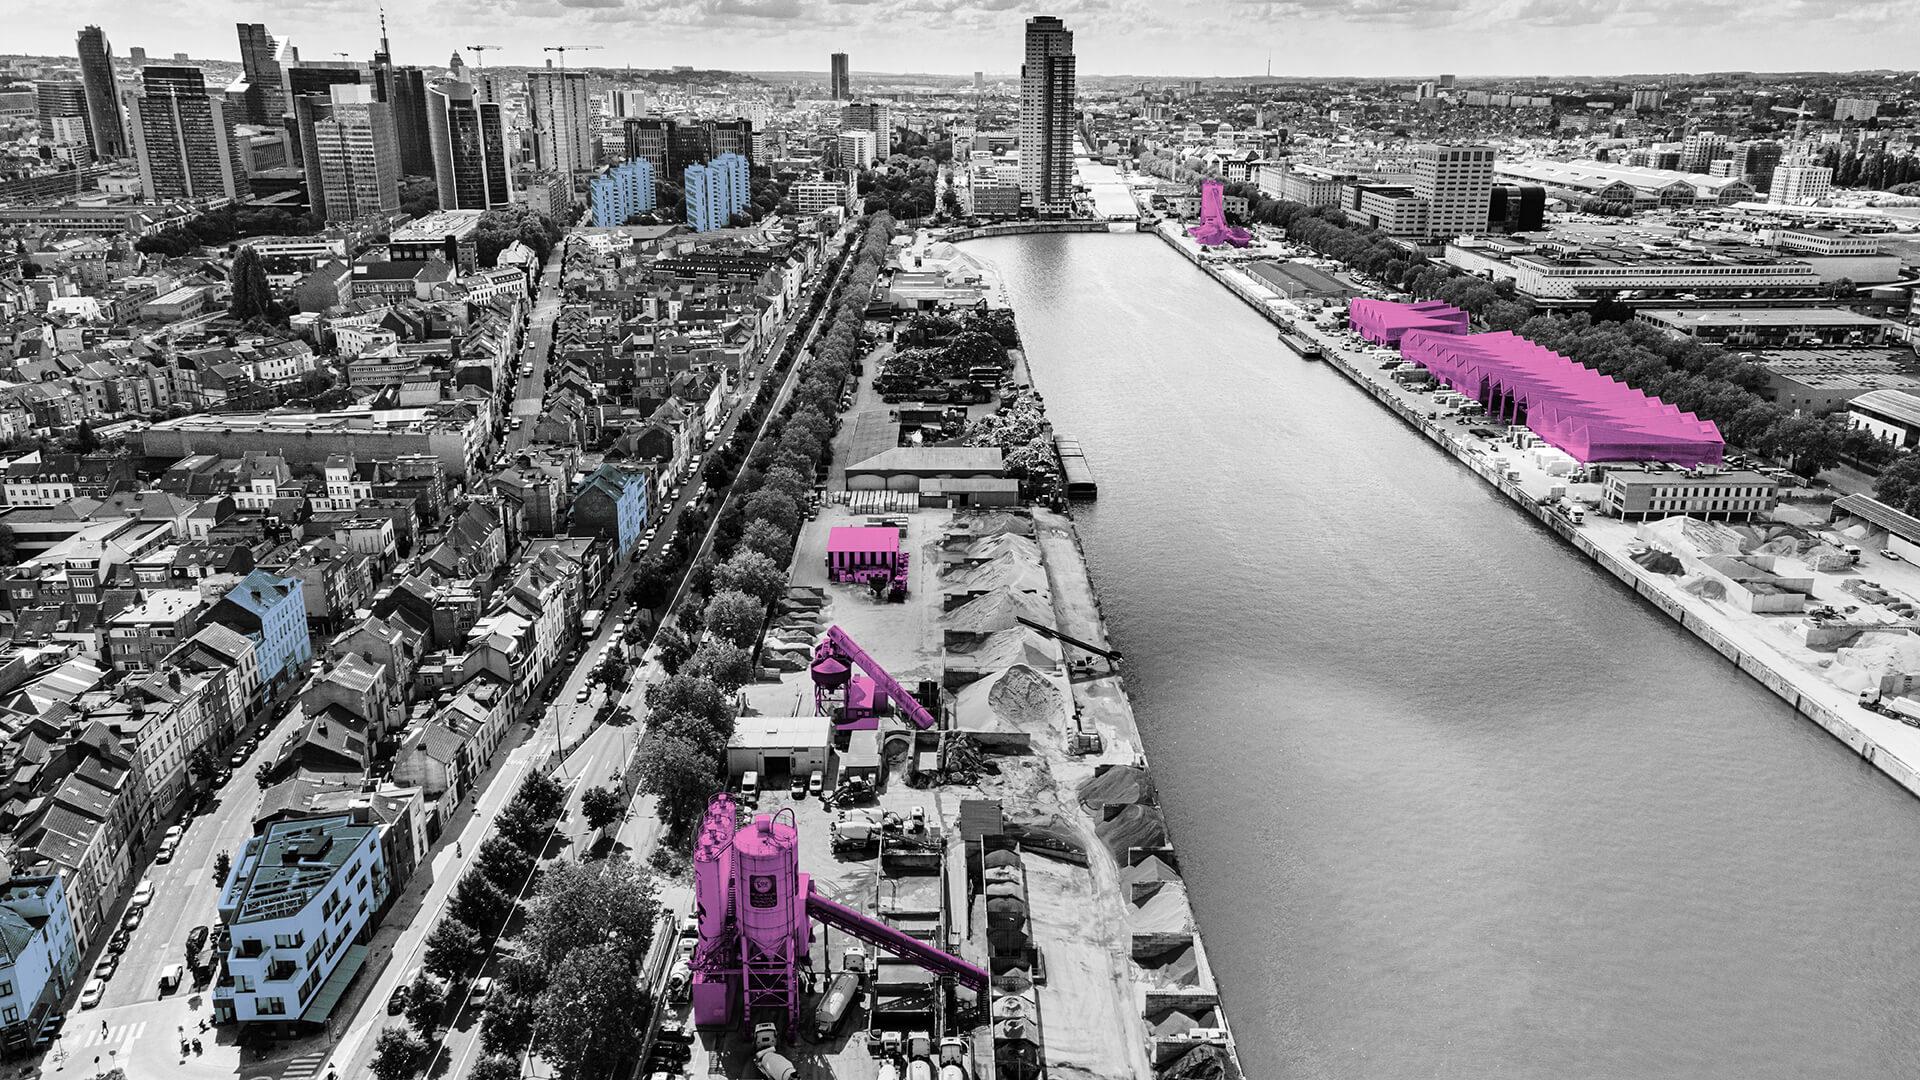 """""""La ville est en construction permanente. Il faut que les bétonniers soient au cœur de la ville. Les matériaux y arrivent par bateau"""", explique Philippe Mathis (Port de Bruxelles)."""